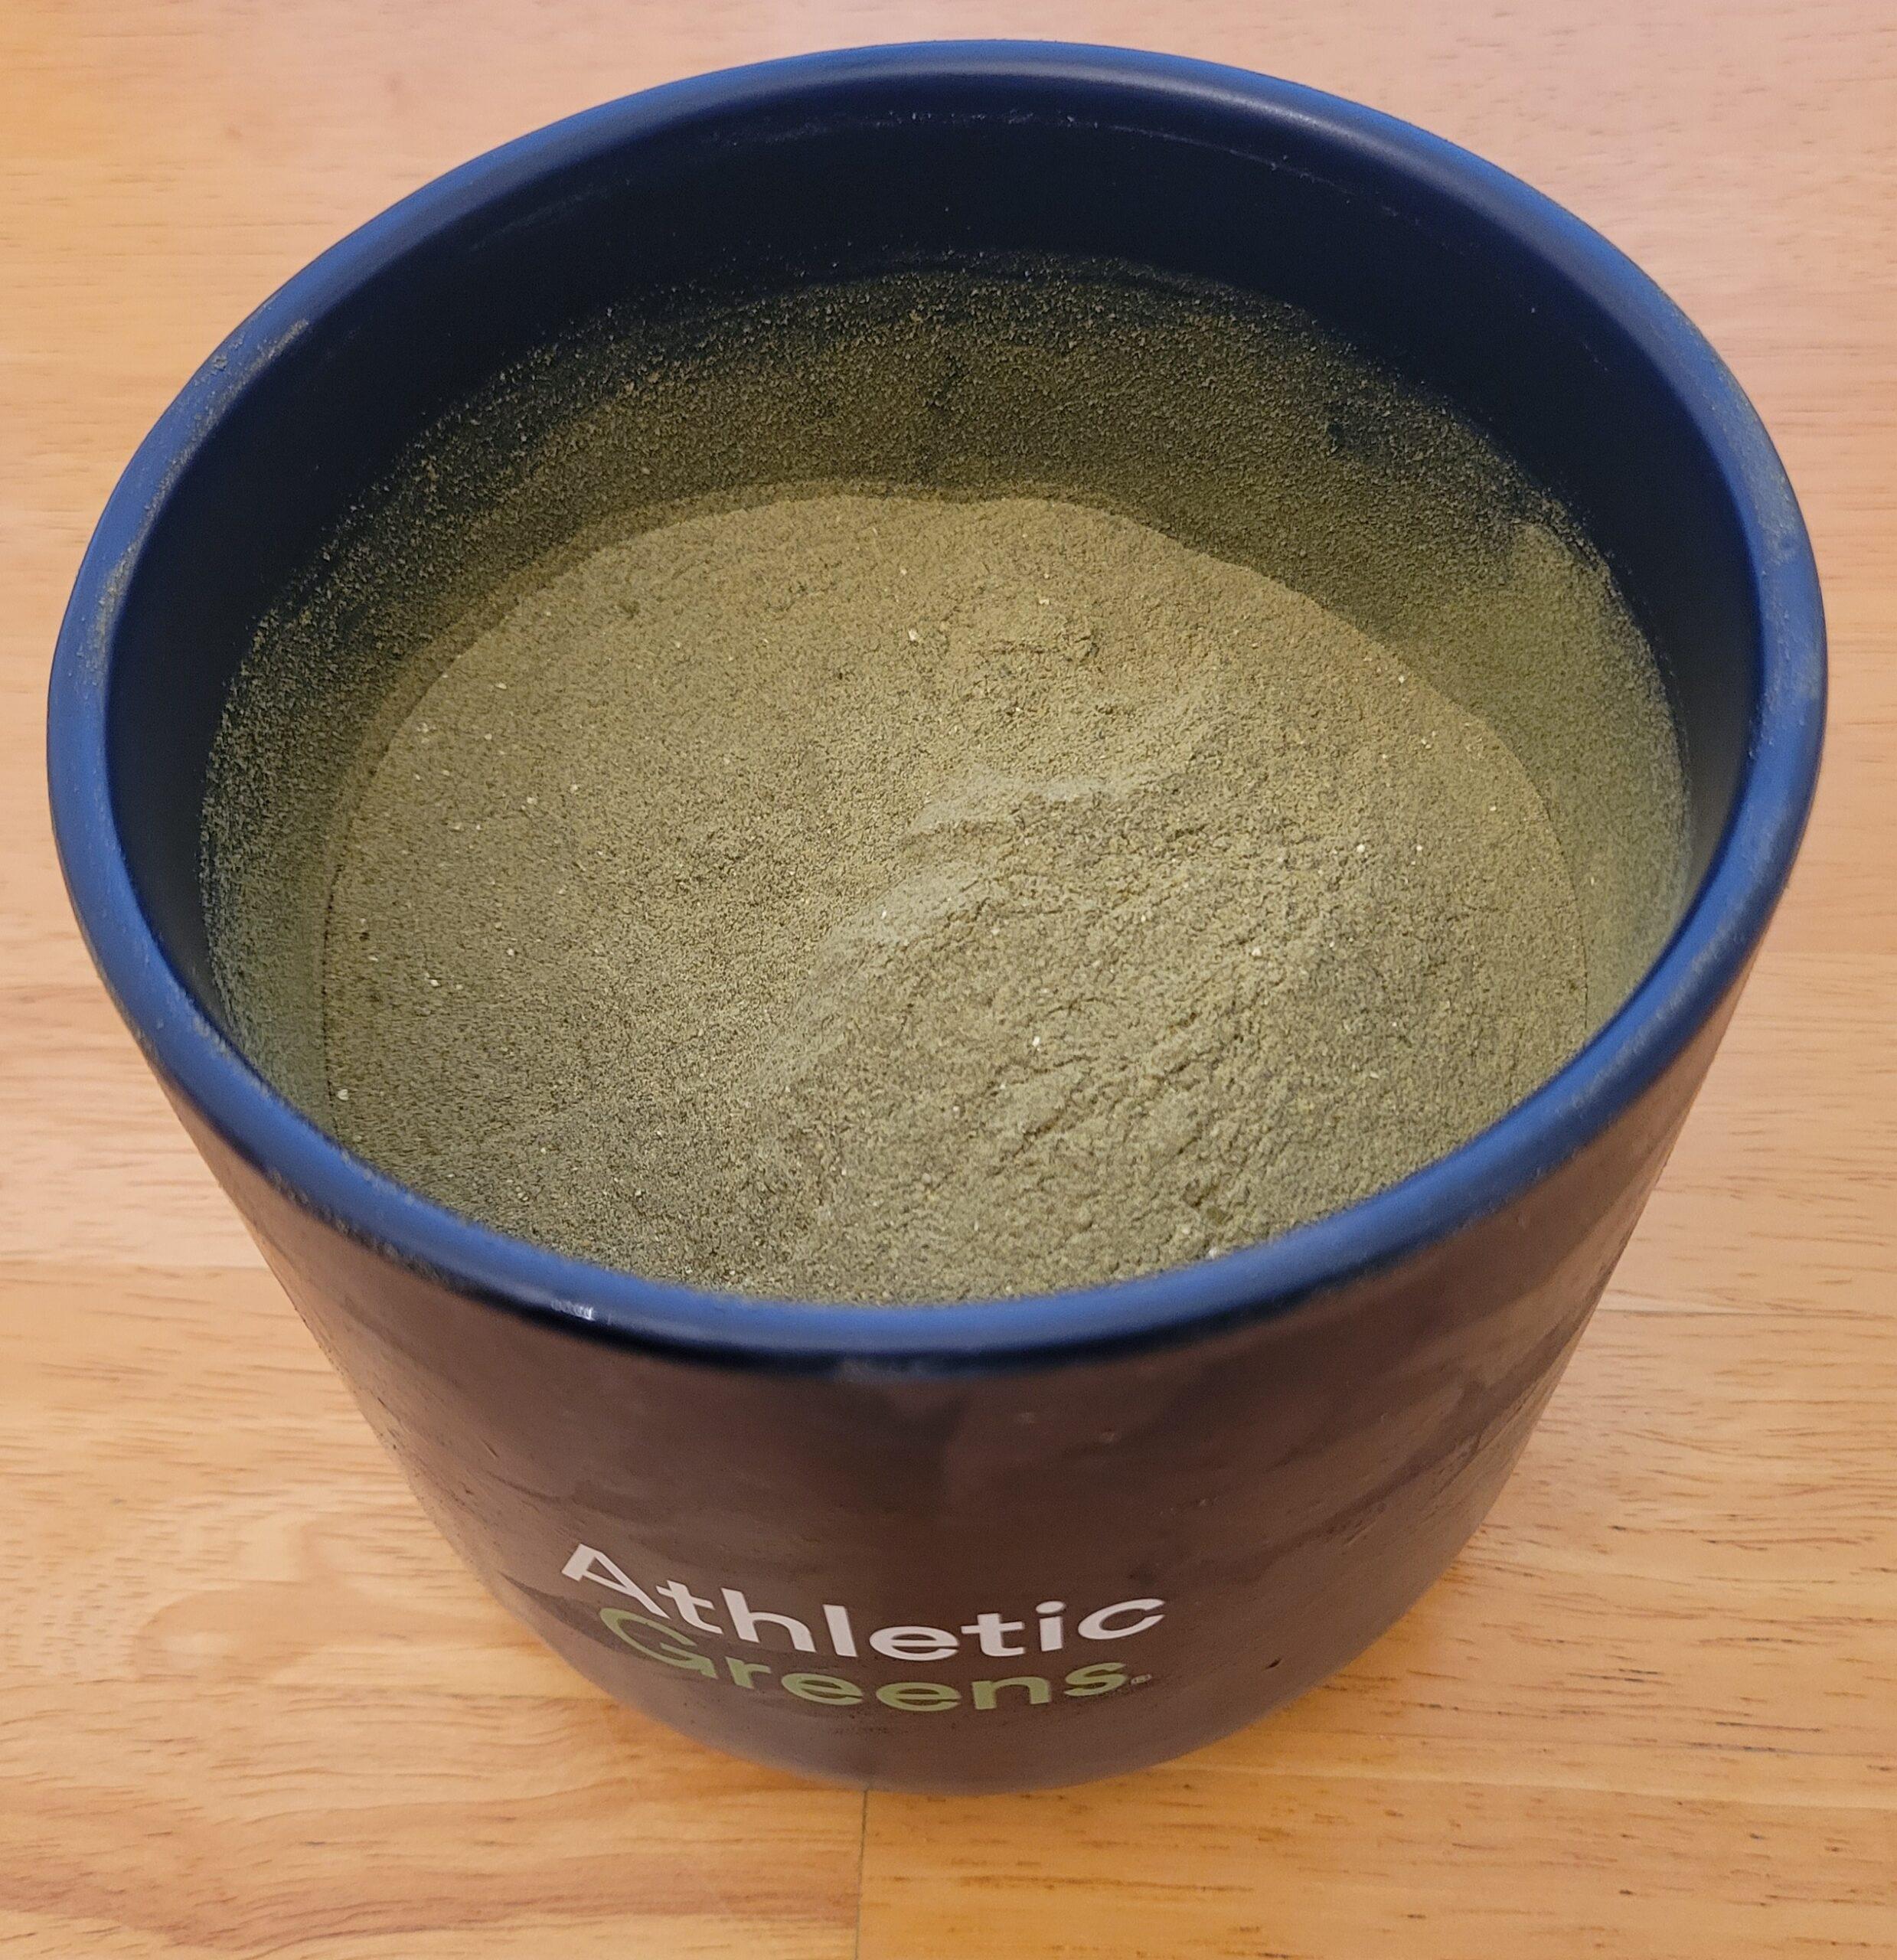 Athletic-Greens-powder